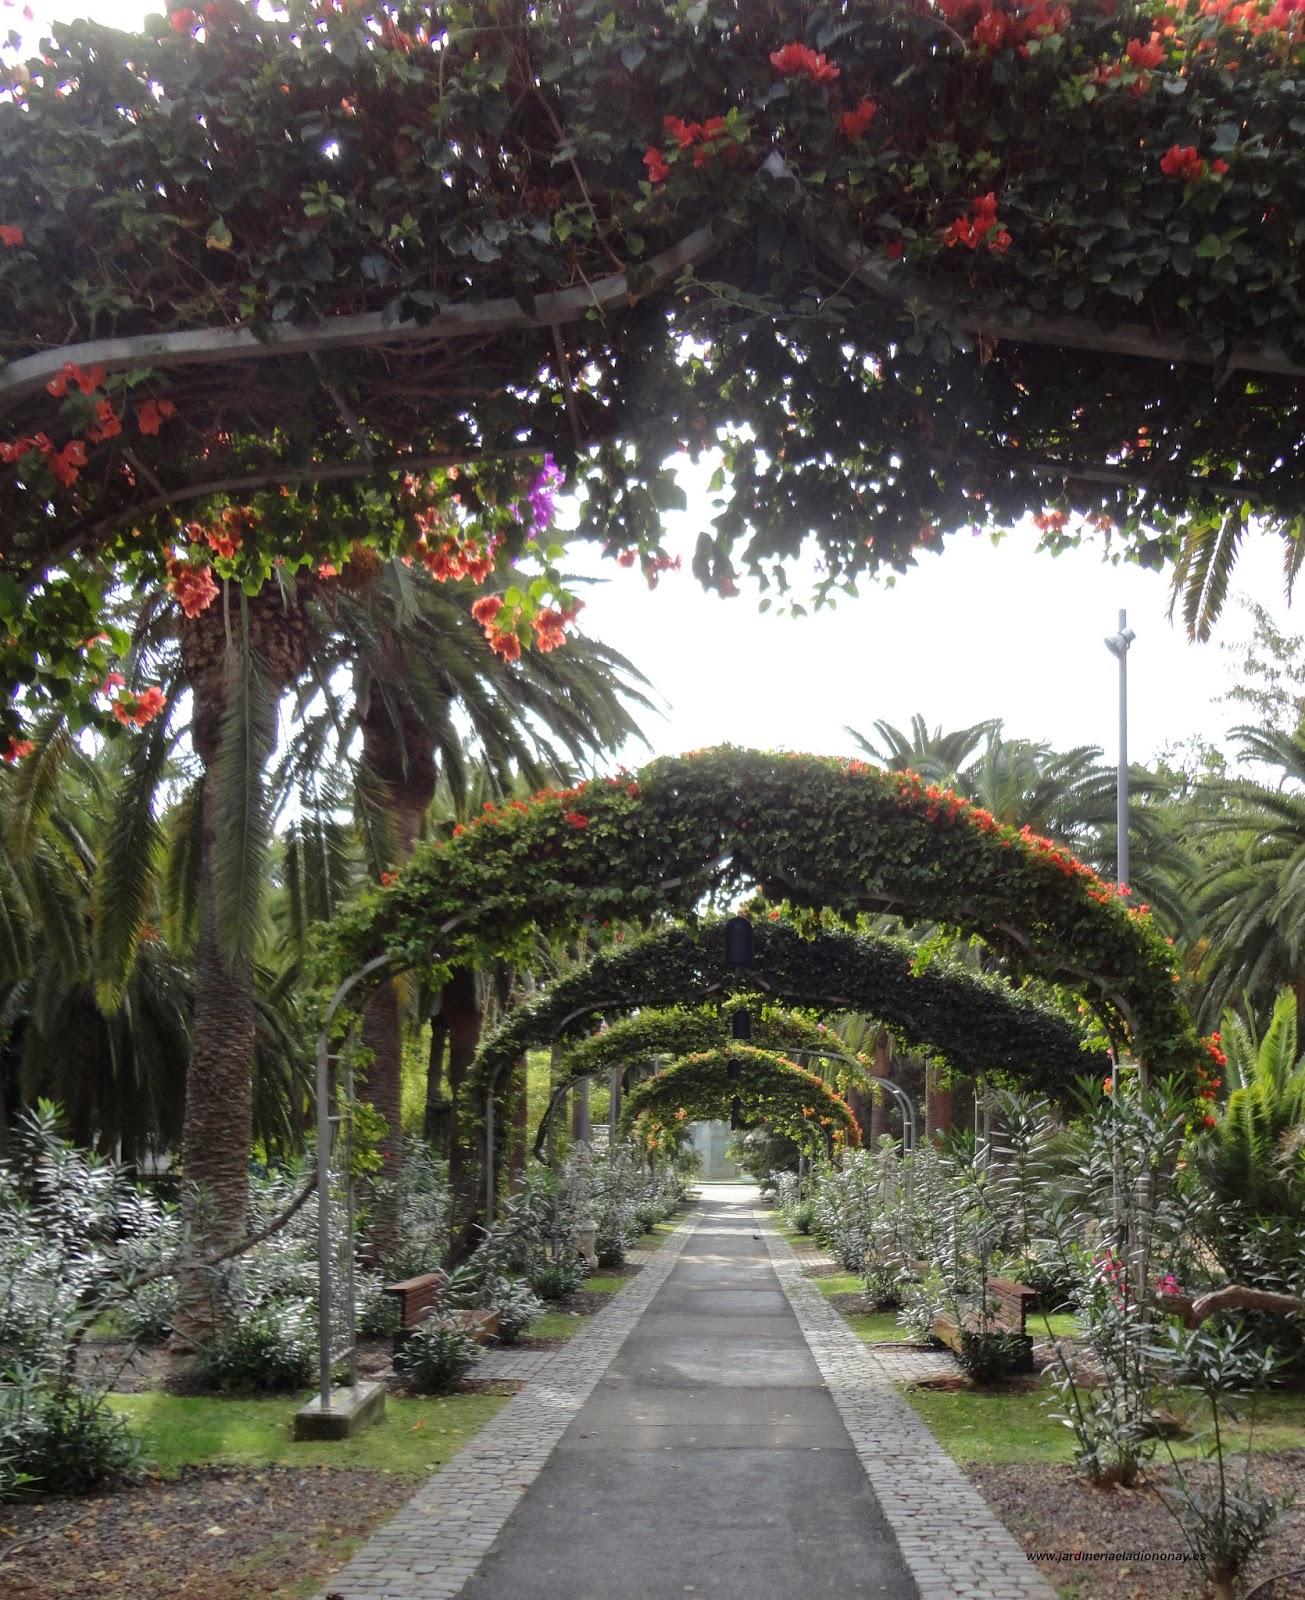 Jardineria eladio nonay arcos en jardiner a jardiner a for Arcos para jardin